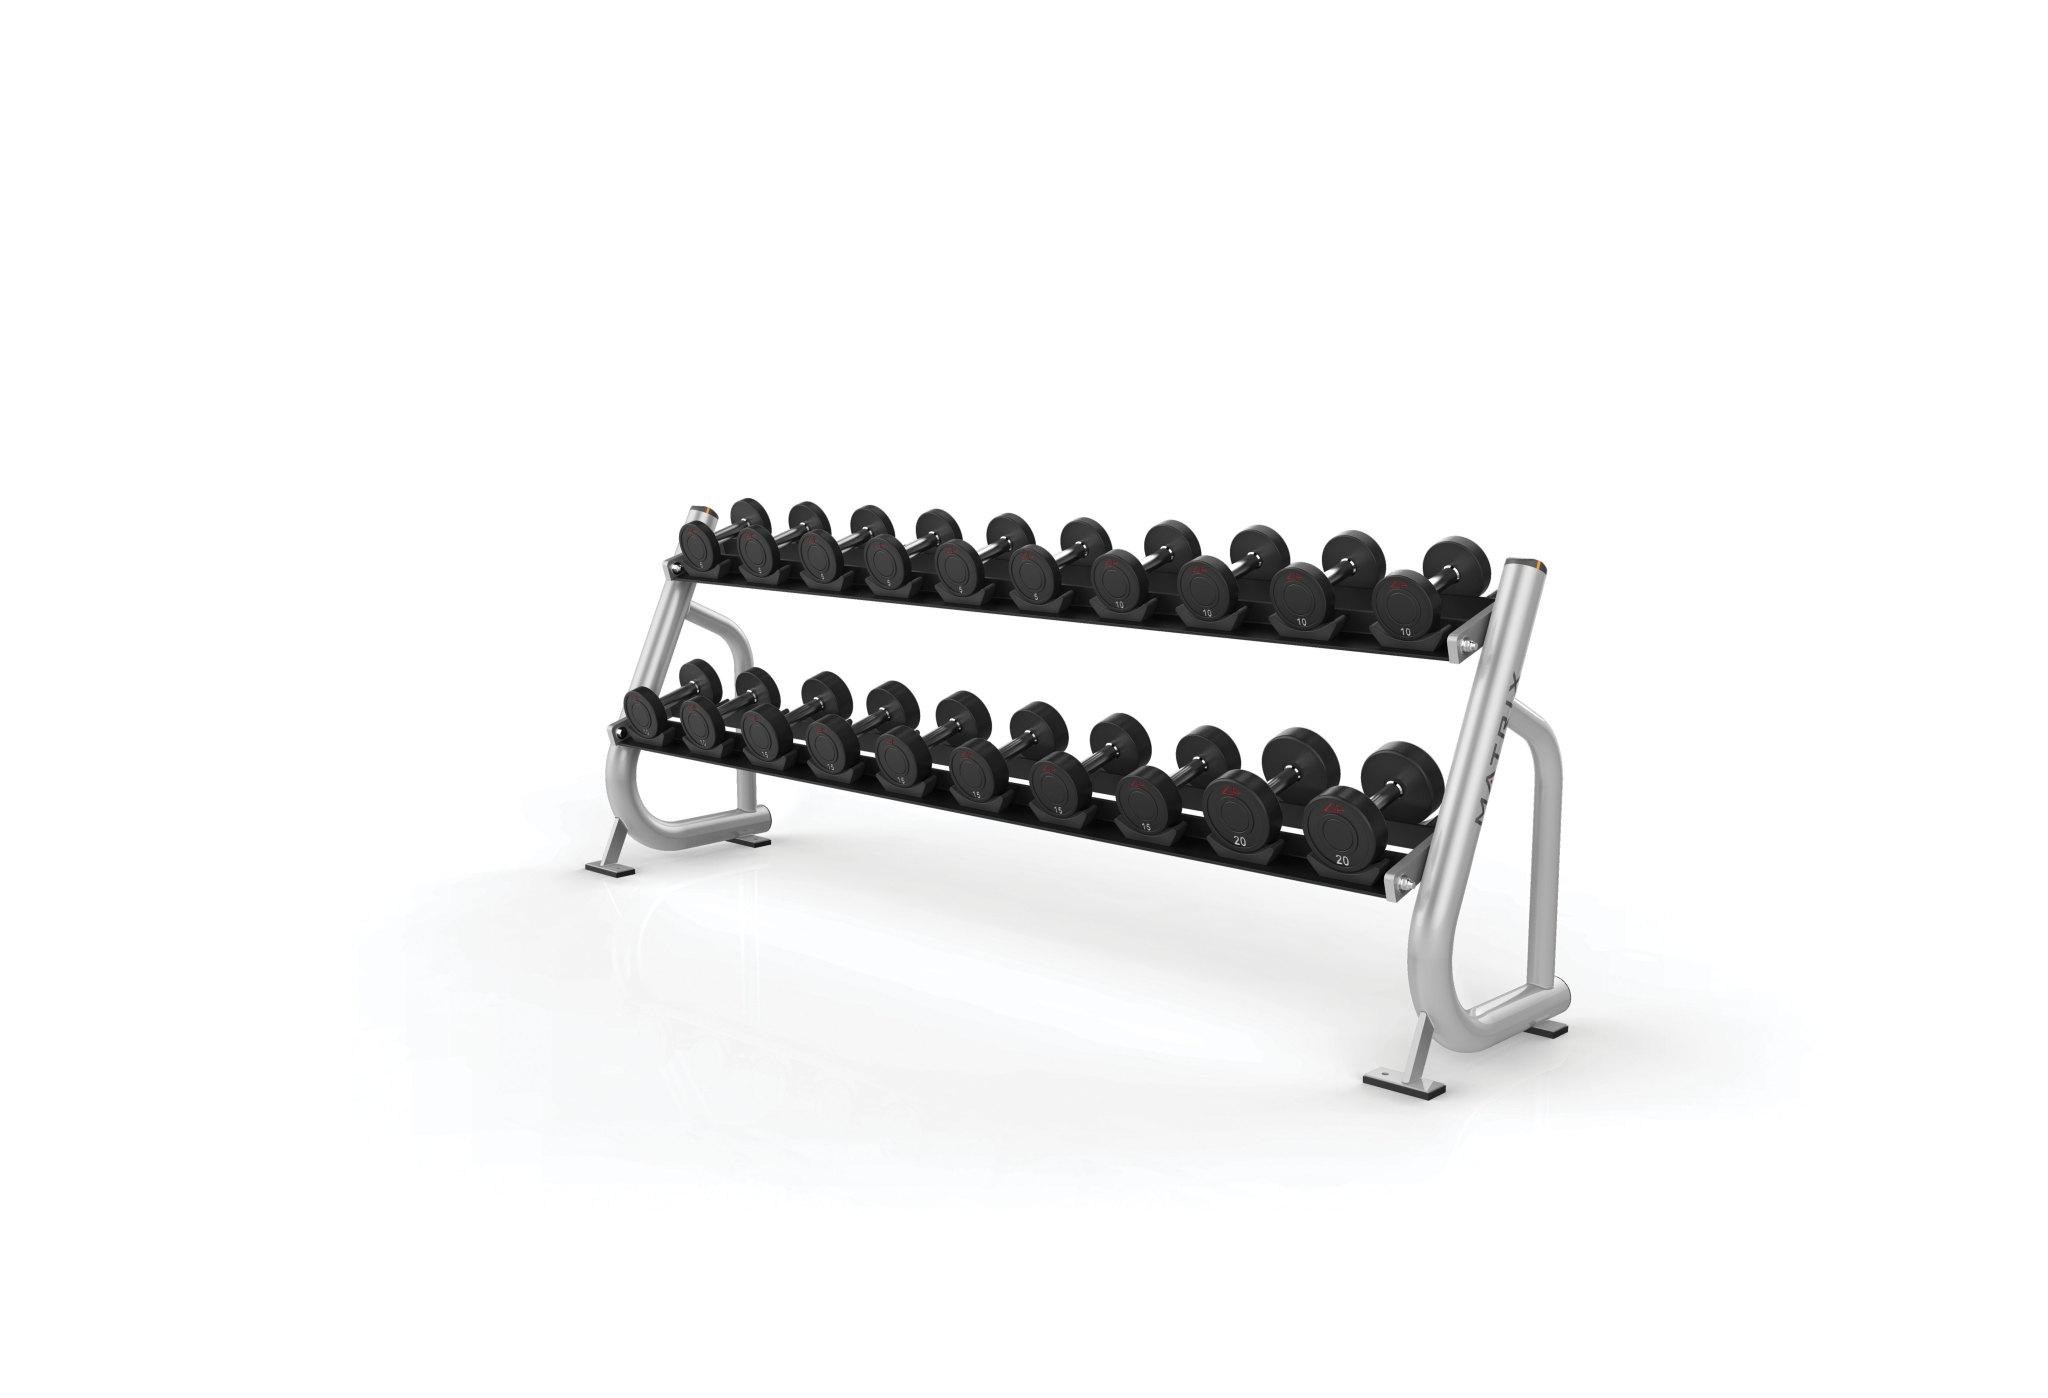 2-tier Dumbbell Rack w/Saddles